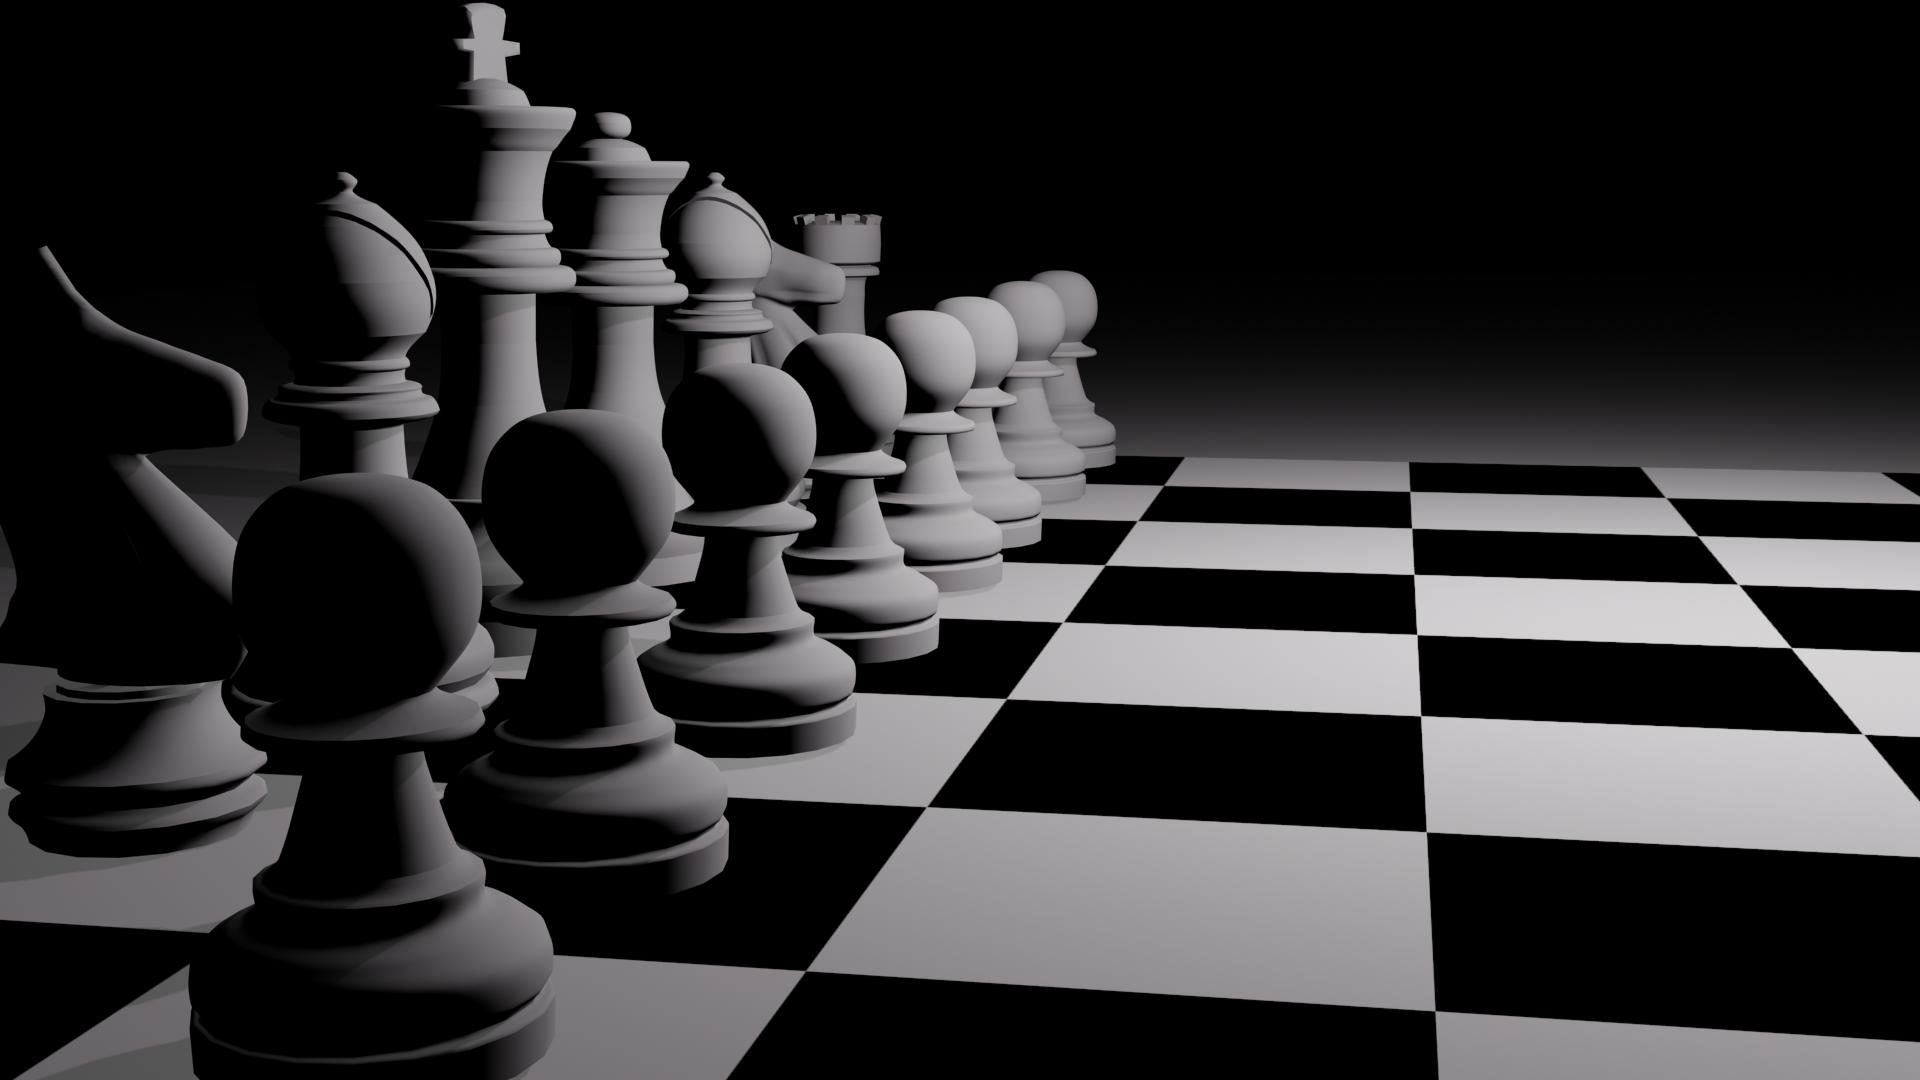 افتتاحیه مسابقات بینالمللی شطرنج جام فجر در آمل/میزبانی آملی ها از برترین های شطرنج جهان